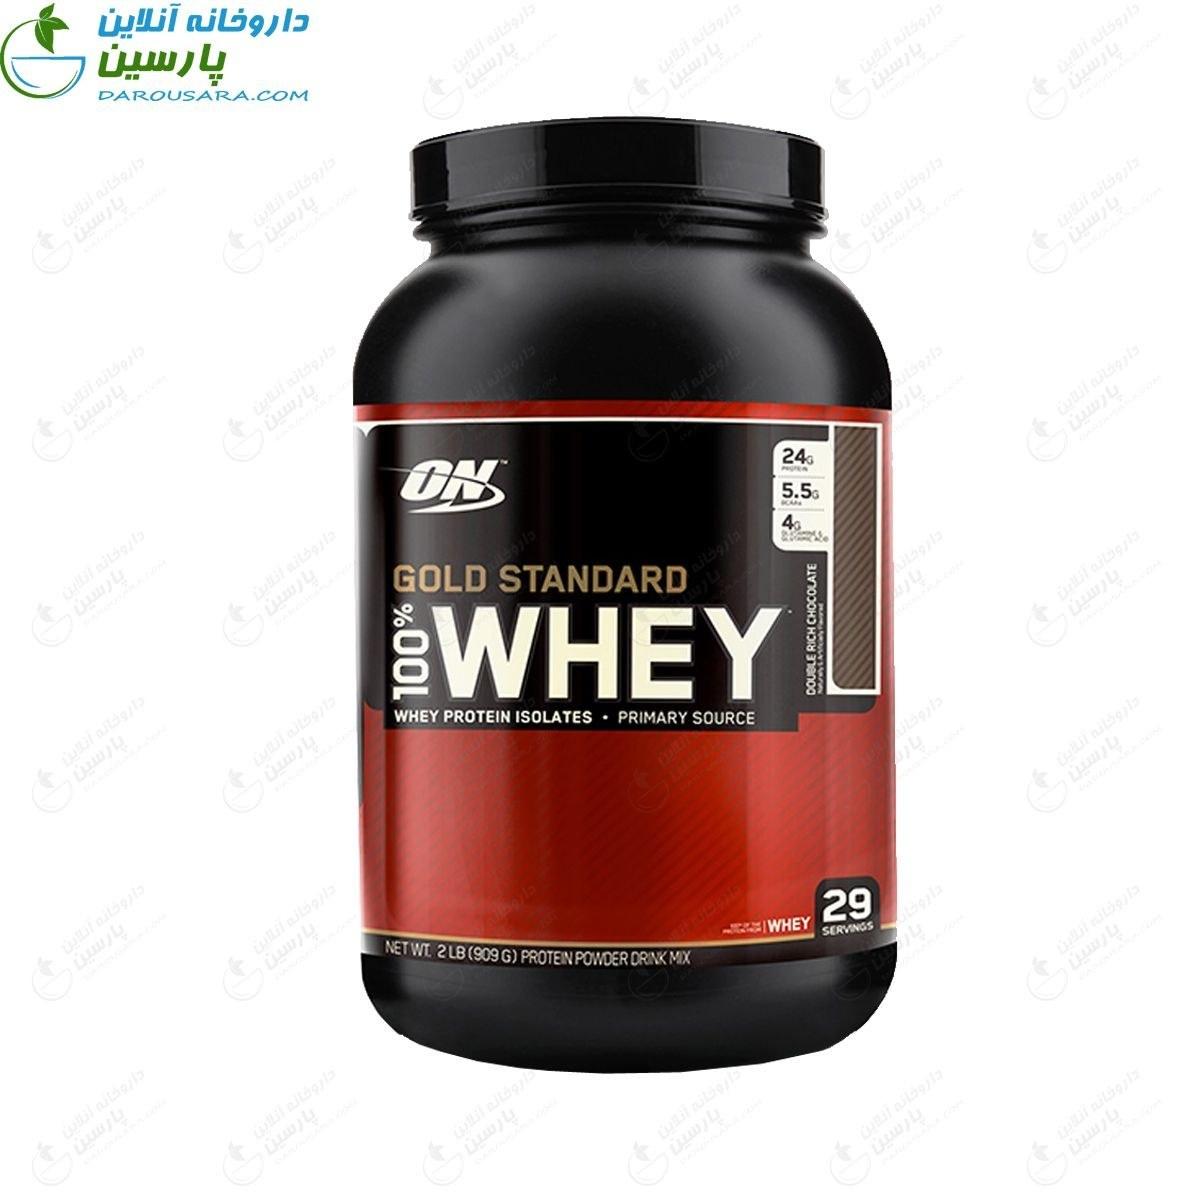 پودر پروتئین اپتیمم نوتریشن 100 درصد وی گلد استاندارد 2 پوند  